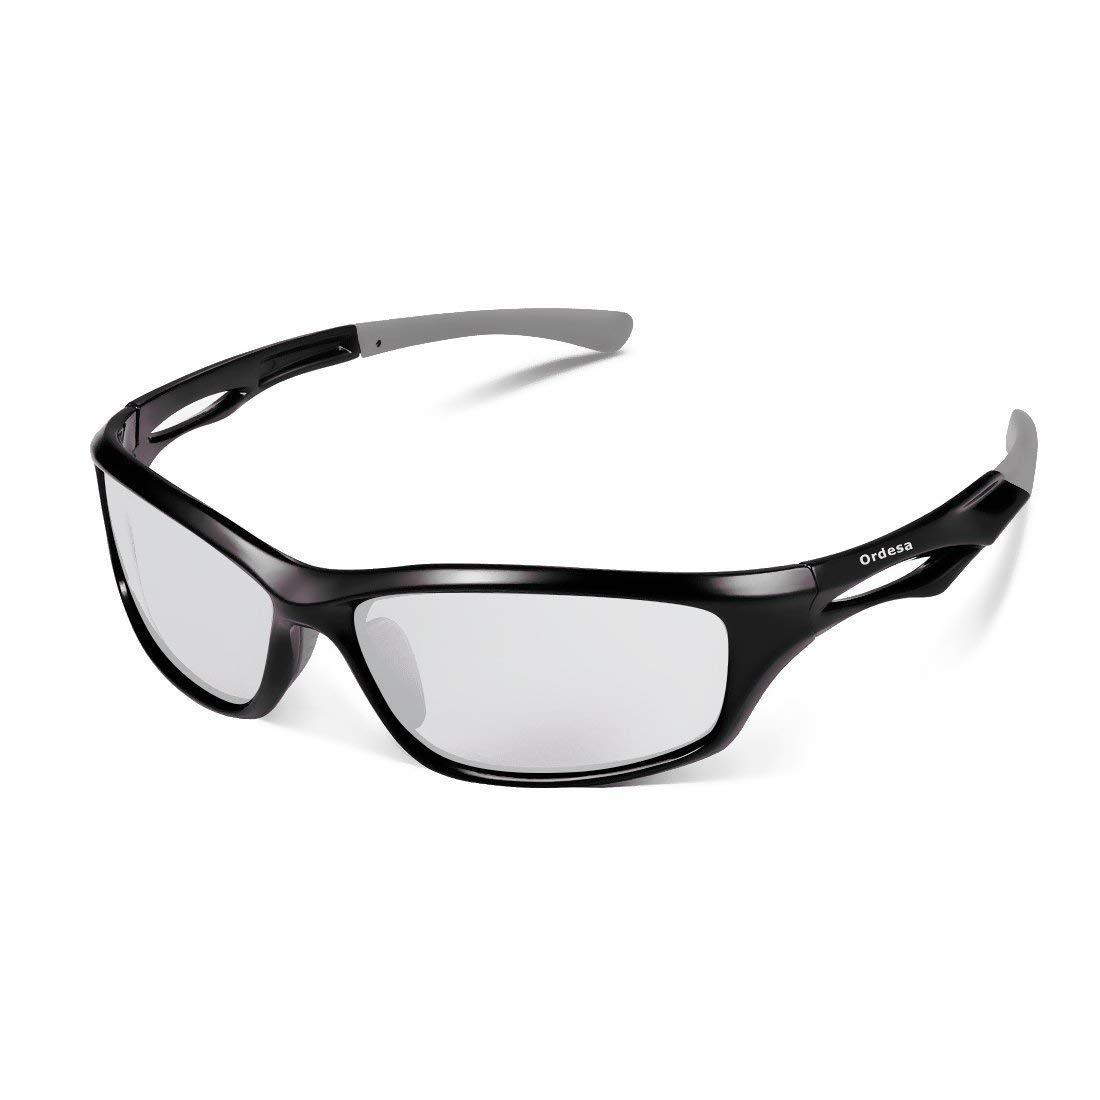 sunglasses restorer Gafas Ciclismo Fotocromaticas Modelo Ordesa, en la Segunda Foto se Puede apreciar el